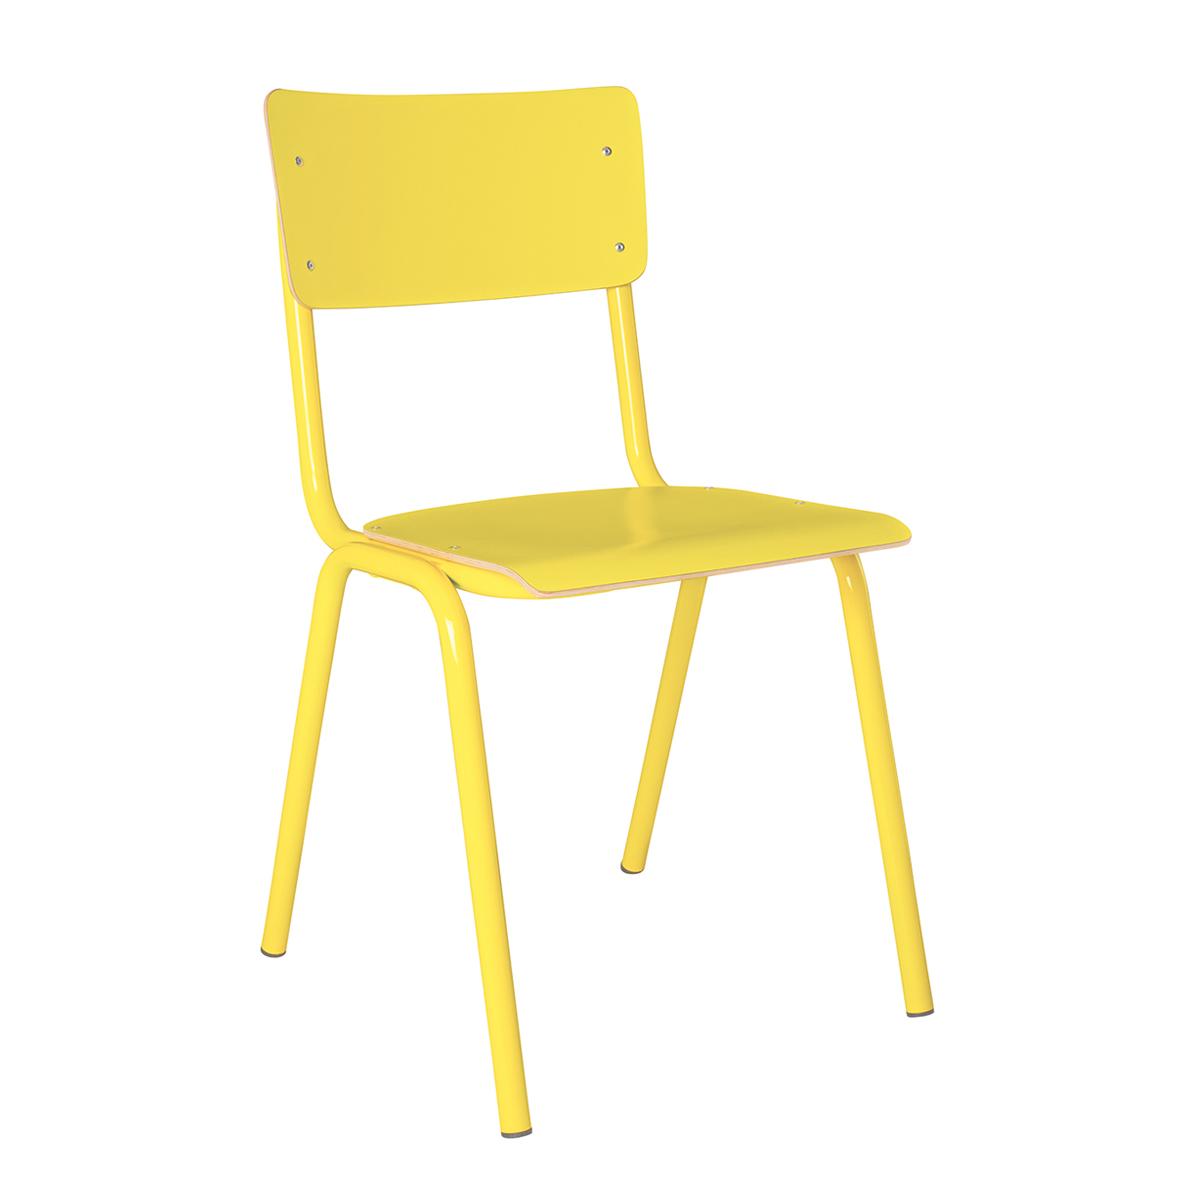 Stoelen van zuiver cheap brent stoel zuiver grijs with for Zuiver stoelen